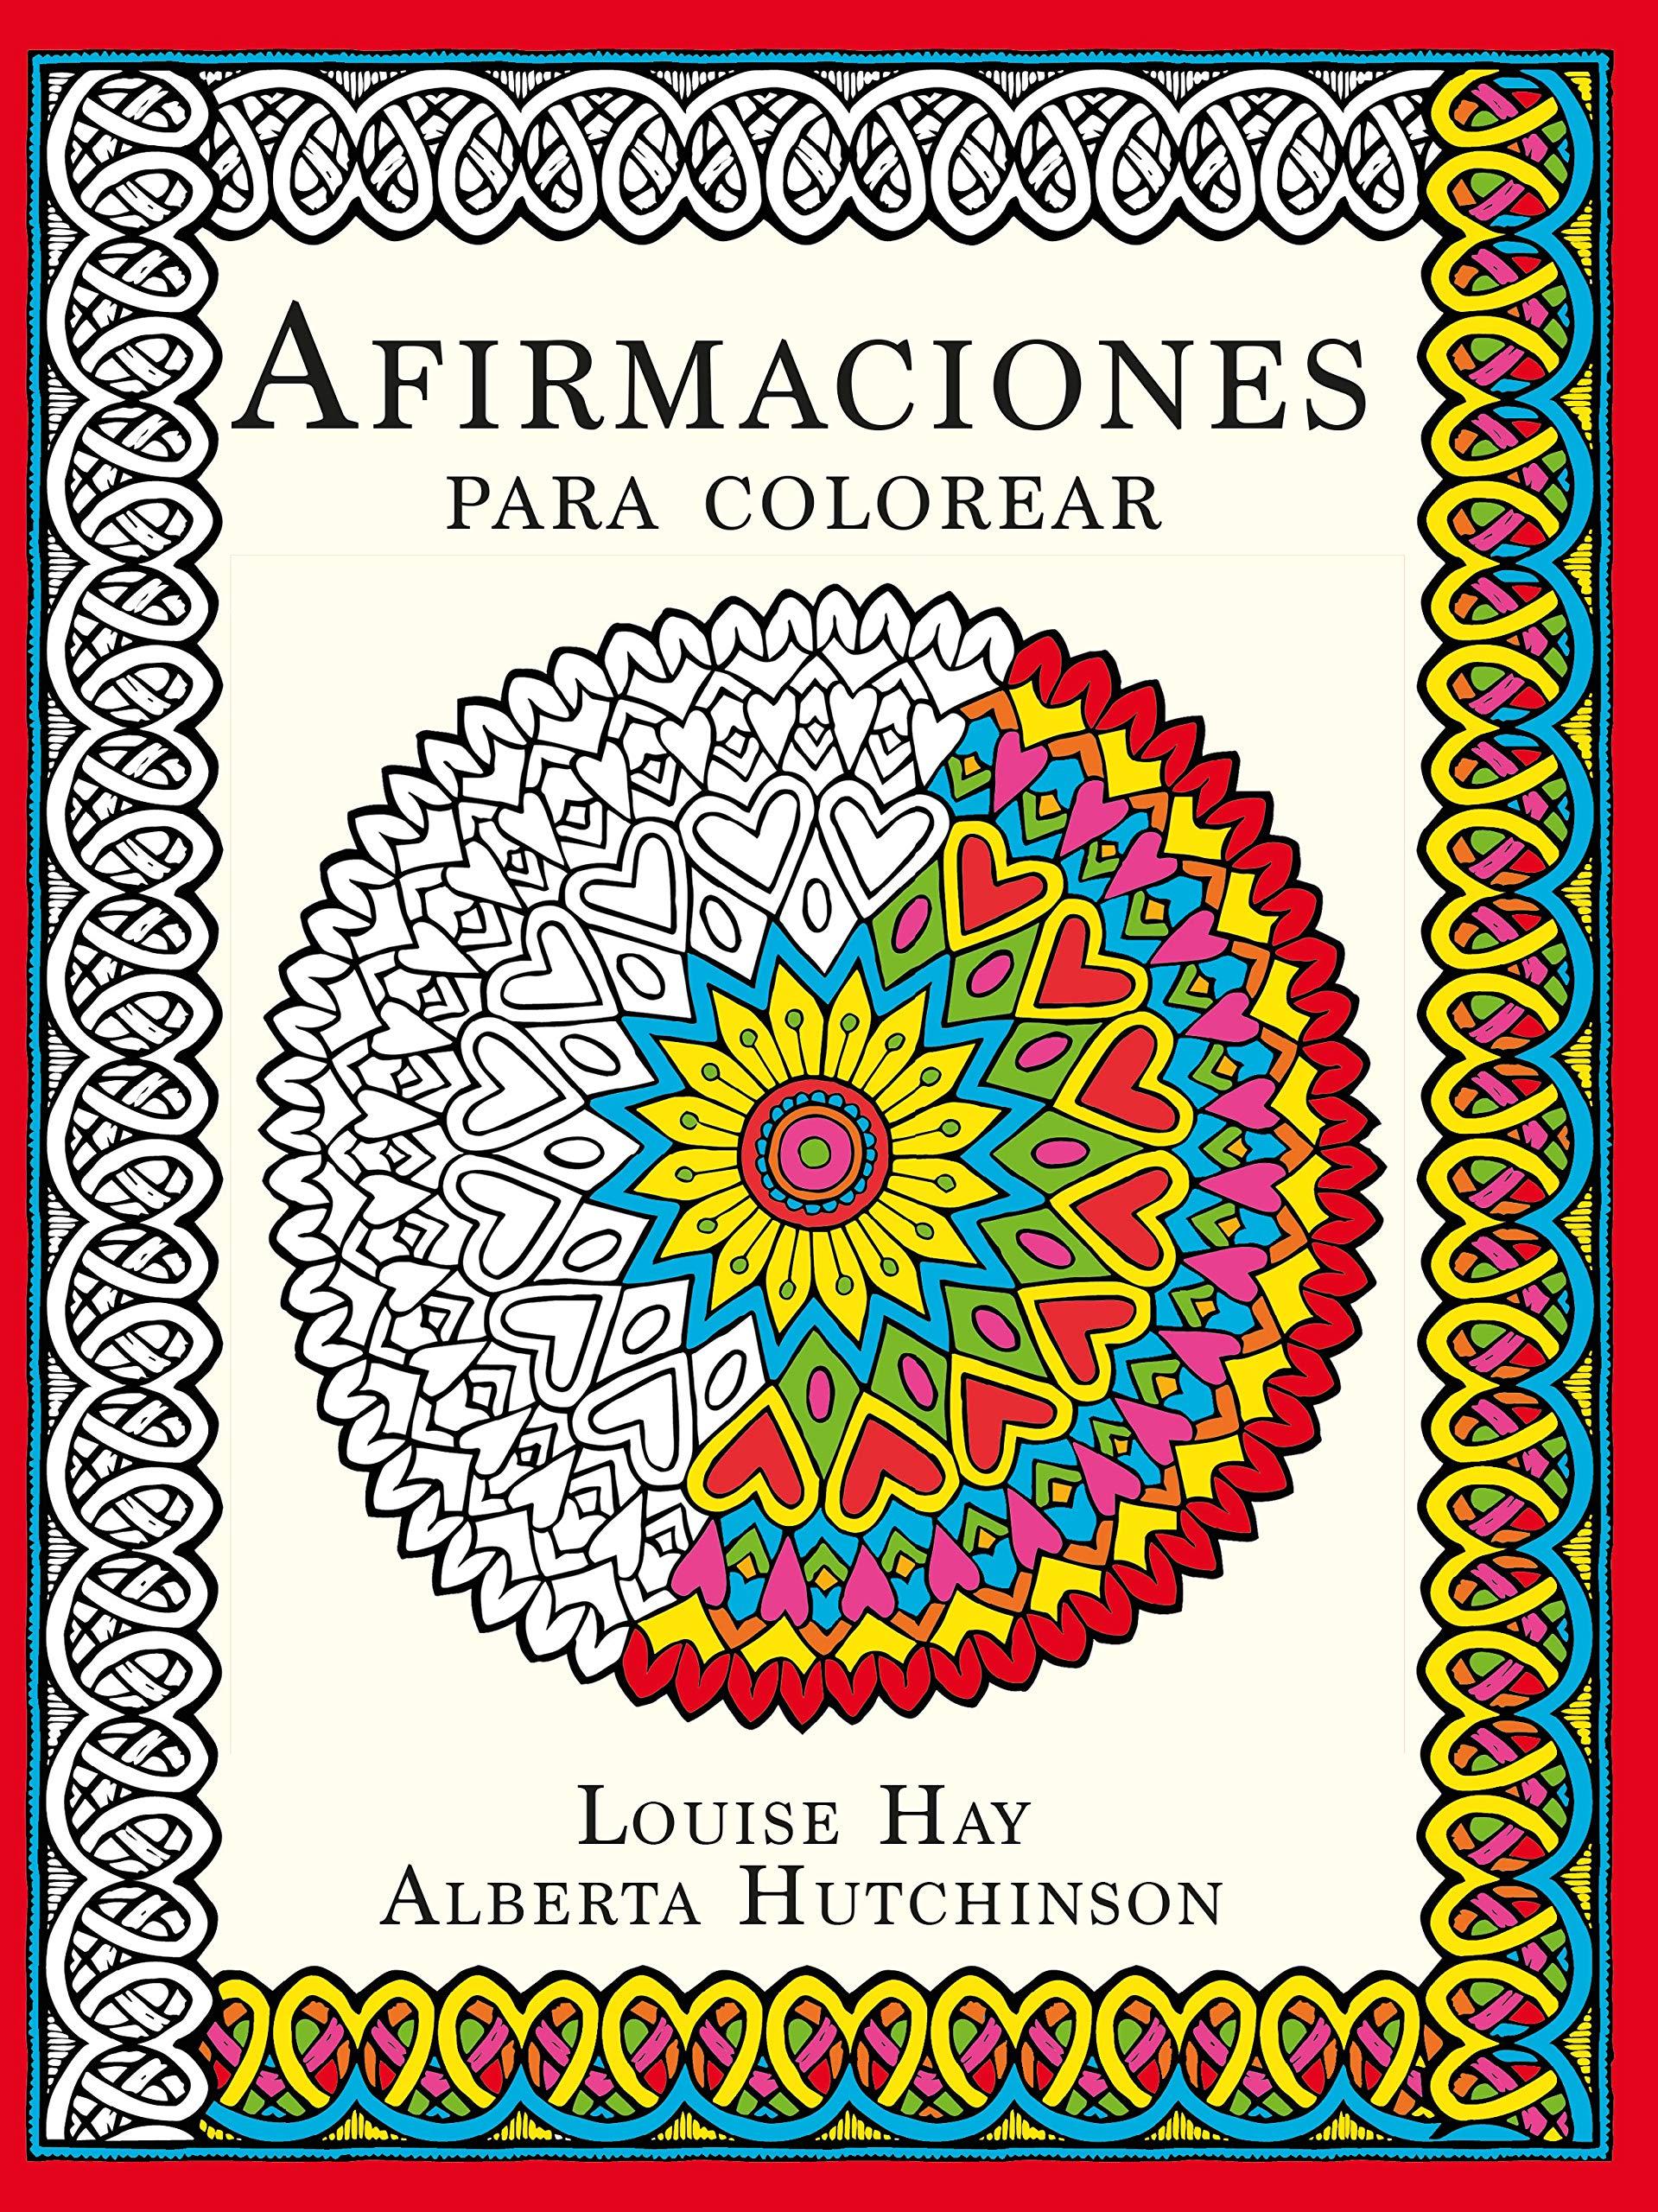 Afirmaciones para colorear (Terapias Mandalas): Amazon.es ...